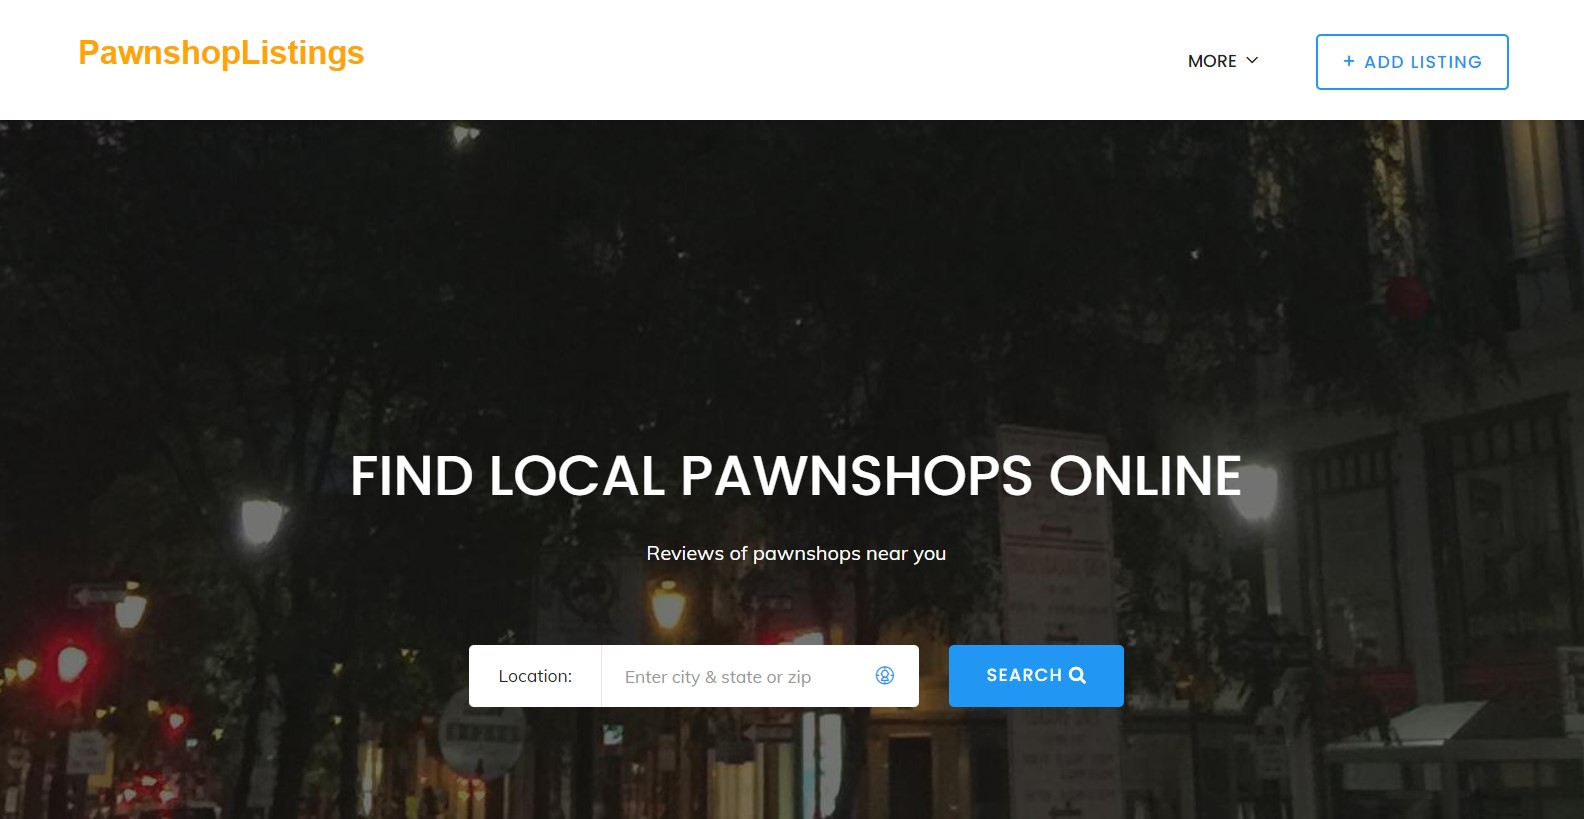 pawnshoplistings- Cómo encontrar una casa de empeño cerca de mí